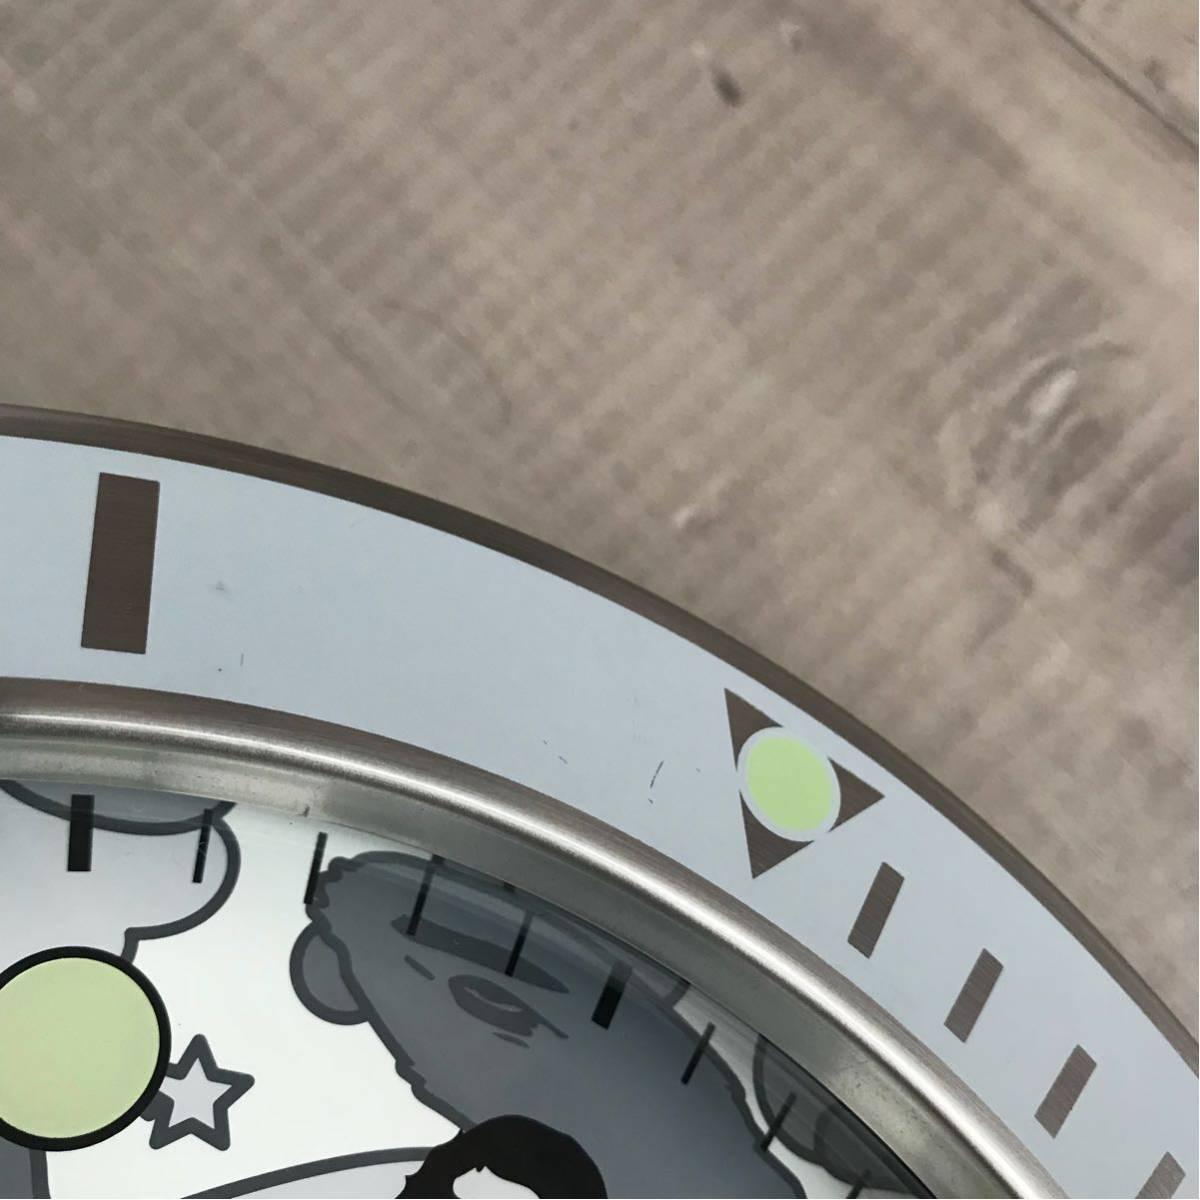 ★激レア★ BAPEX wall clock sta camo ウォール クロック 掛け時計 a bathing ape BAPE エイプ ベイプ 時計 psyche camo サイケカモ white